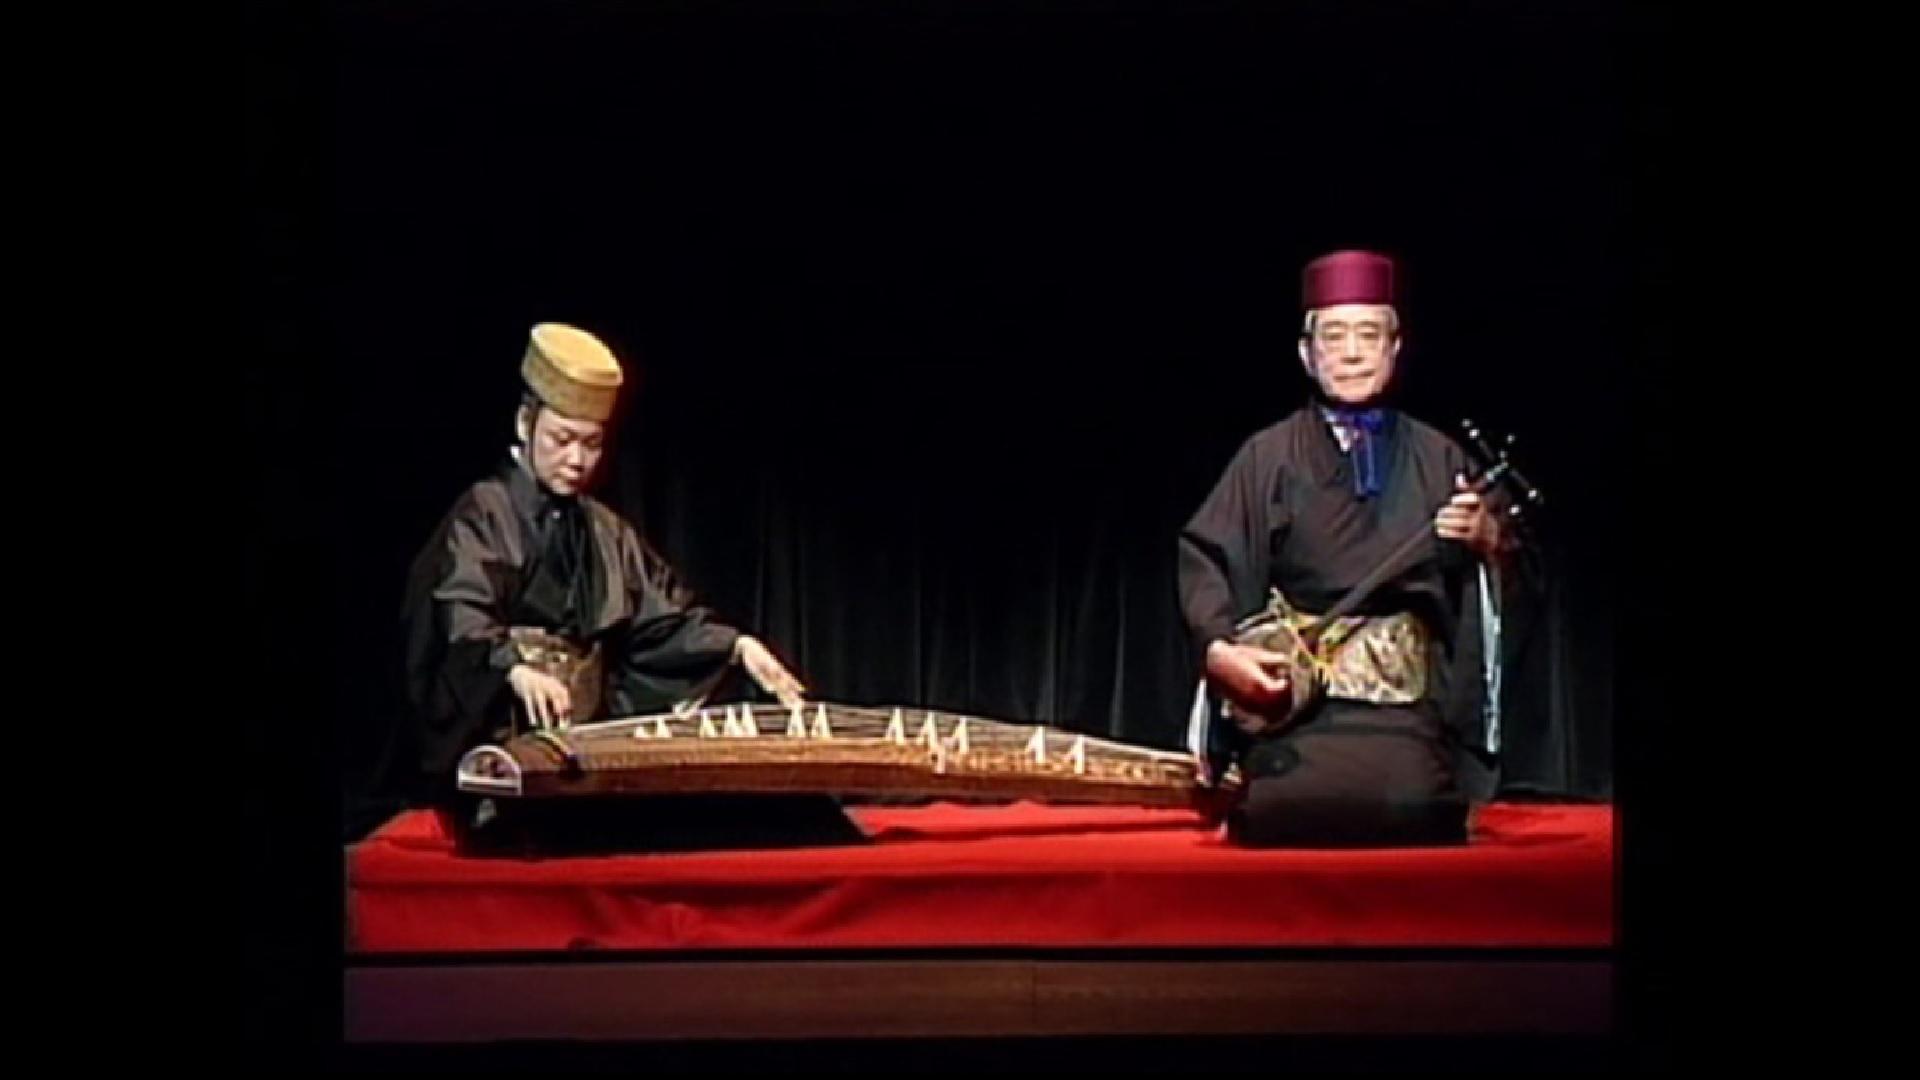 国際音楽の日2006記念・沖縄県芸能関連協議会公演 人間国宝と伝承芸